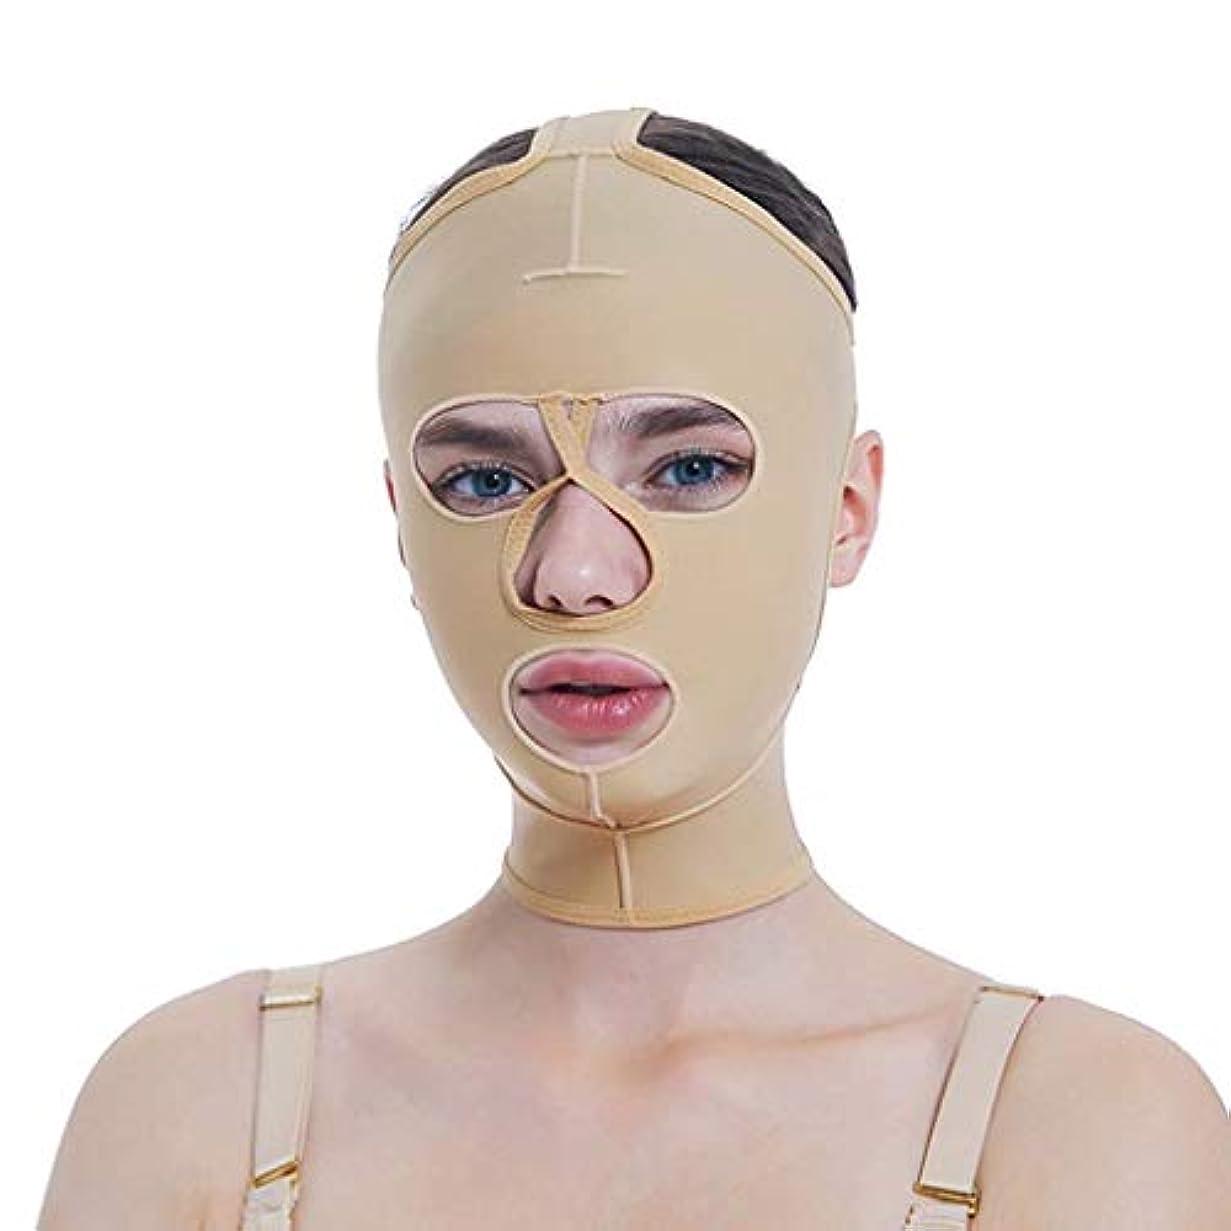 サイズ制限された燃やす脂肪吸引術用成形マスク、薄手かつらVフェイスビームフェイス弾性スリーブマルチサイズオプション(サイズ:S)